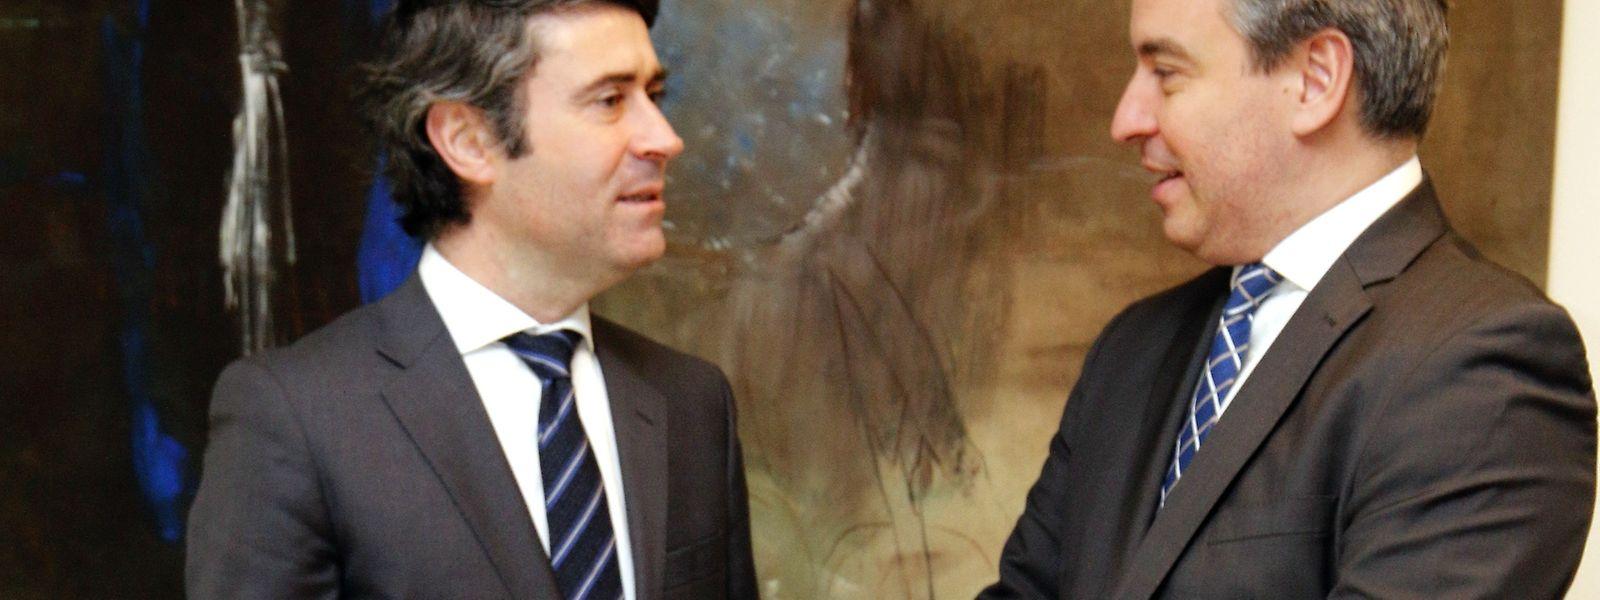 José Luís Carneiro com o ministro da Educação Claude Meisch.